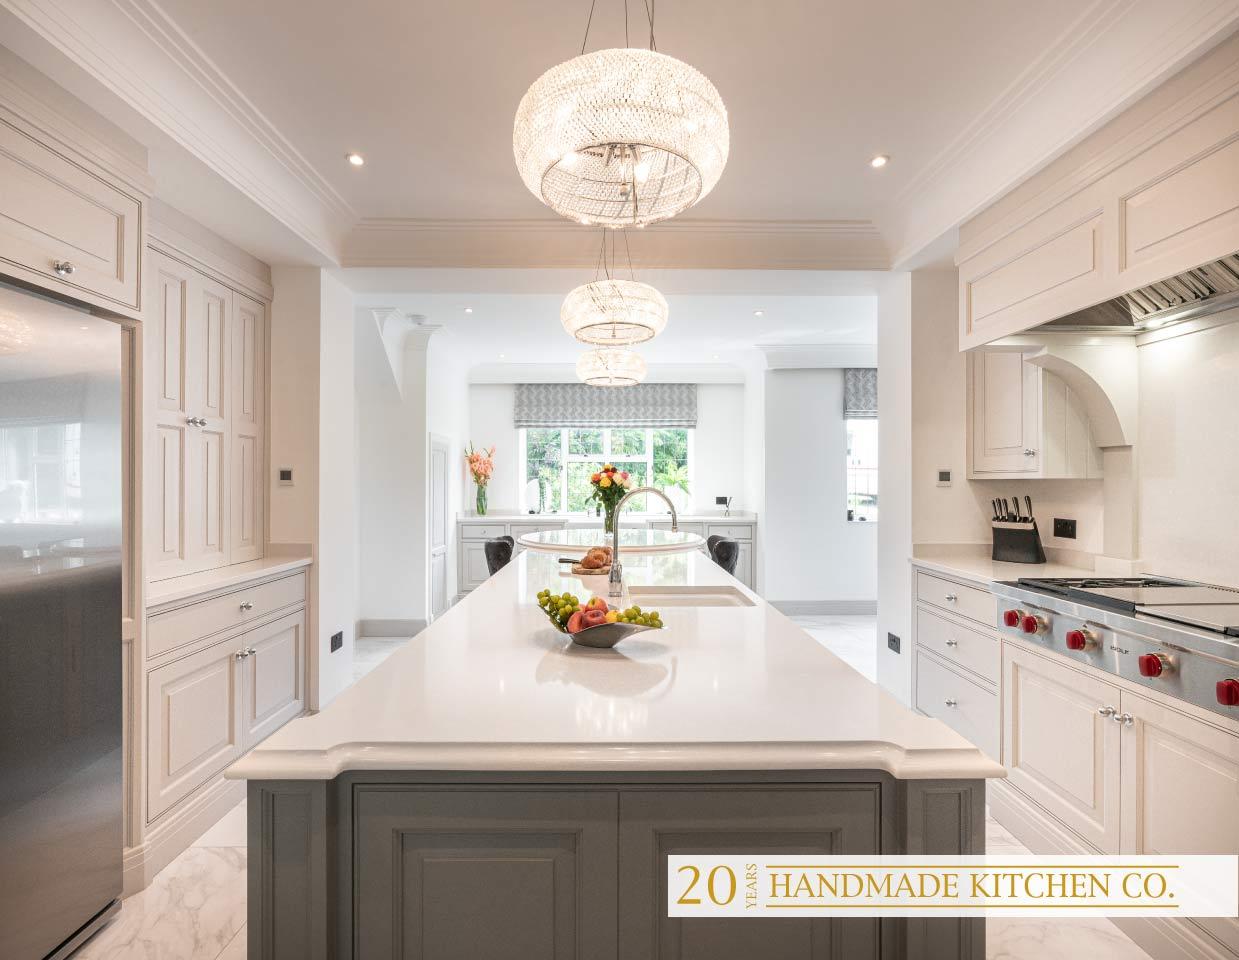 Bespoke Kitchens Luxury Kitchen Design Installation